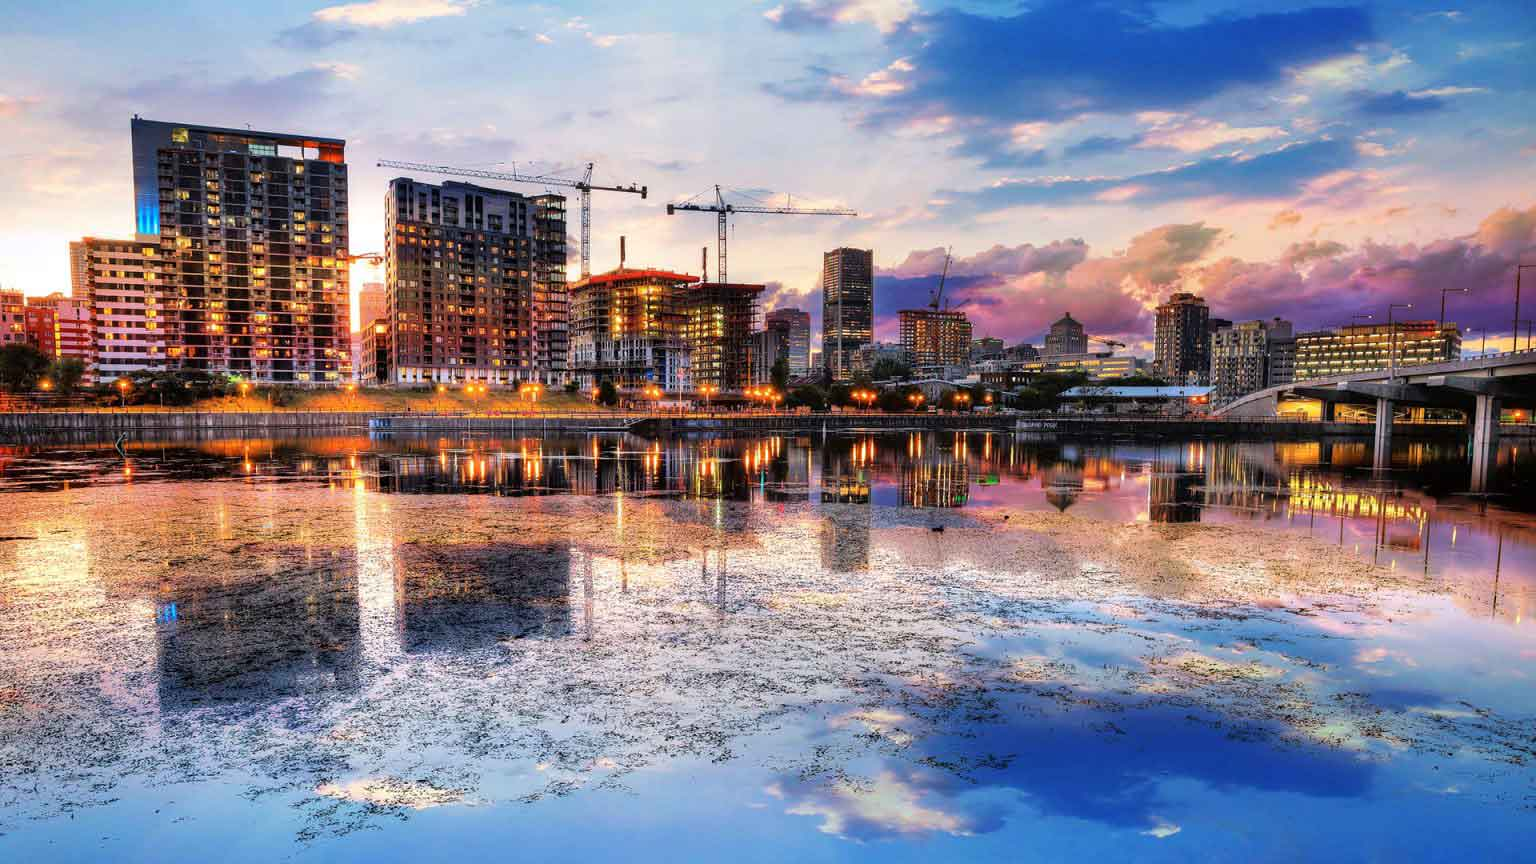 Cityscapeimages.com